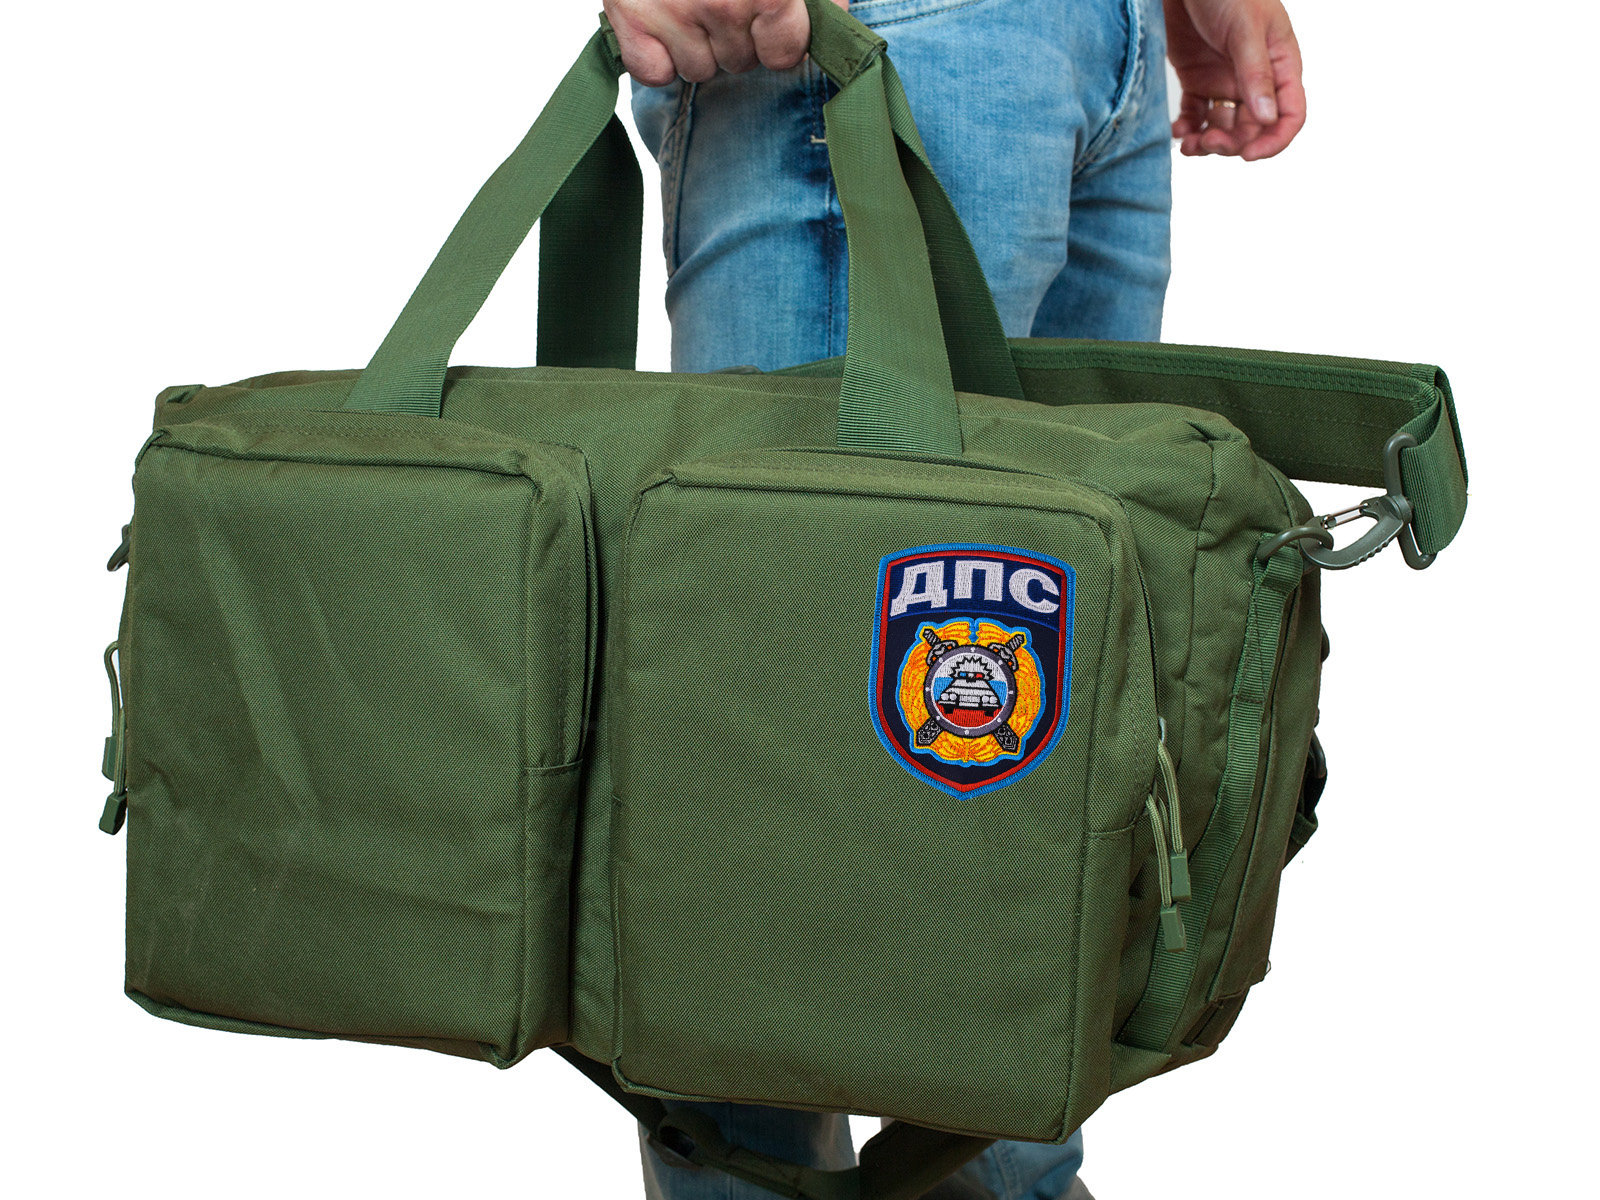 Тактическая походная сумка-рюкзак с нашивкой ДПС - купить выгодно